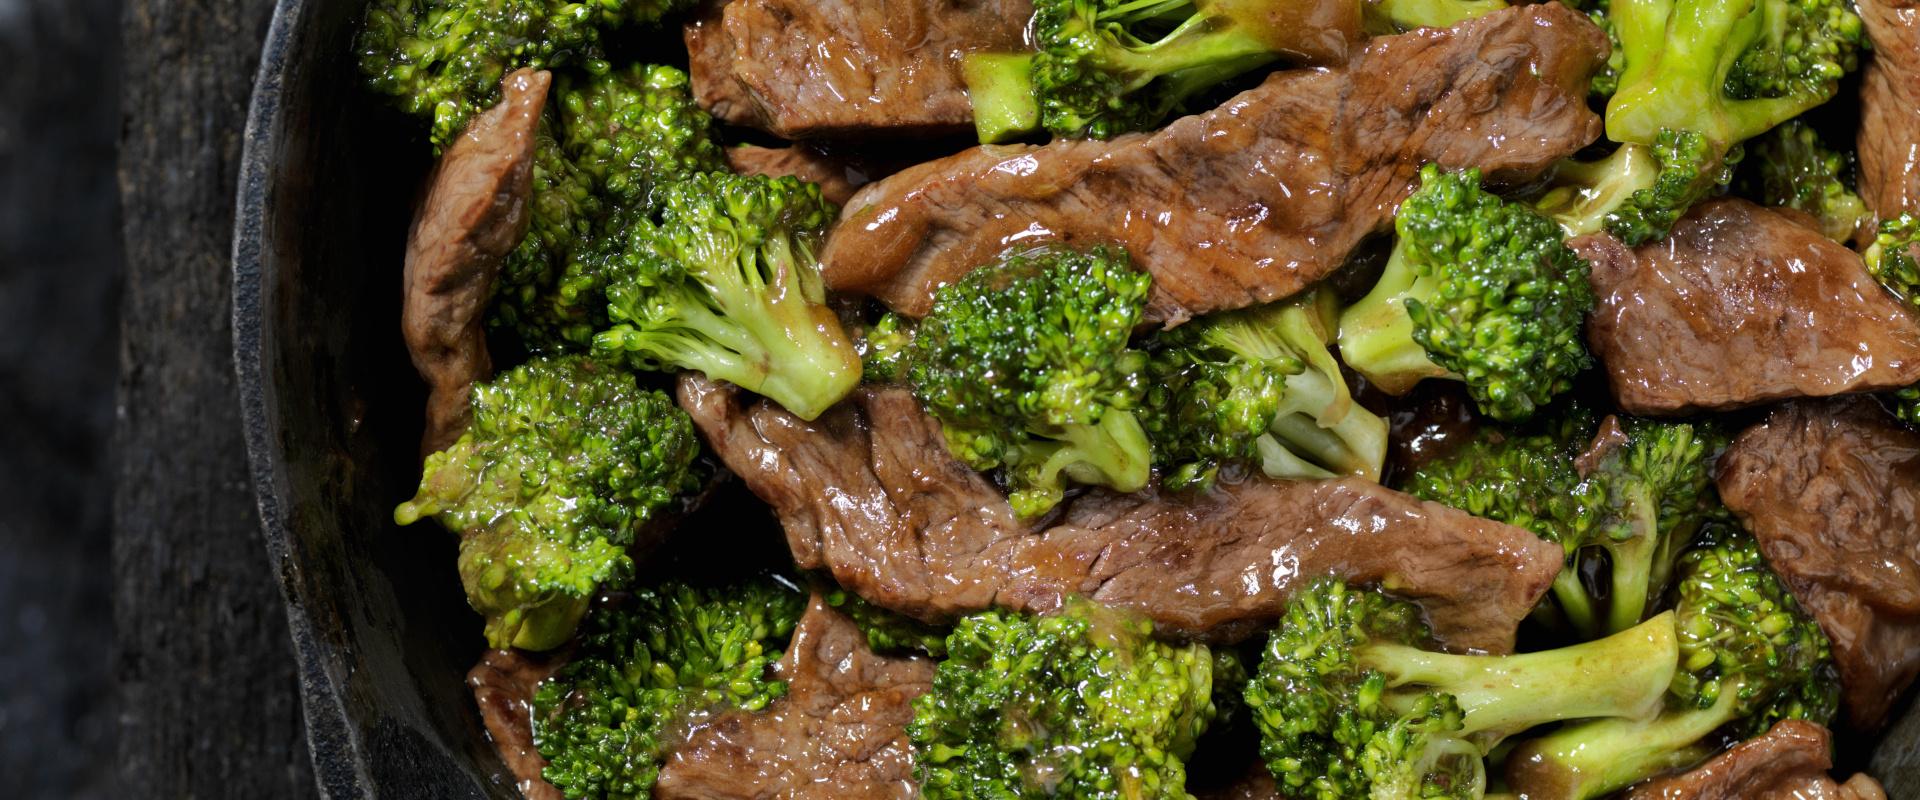 egyserpenyős pirított marhahús brokkolival cover ok